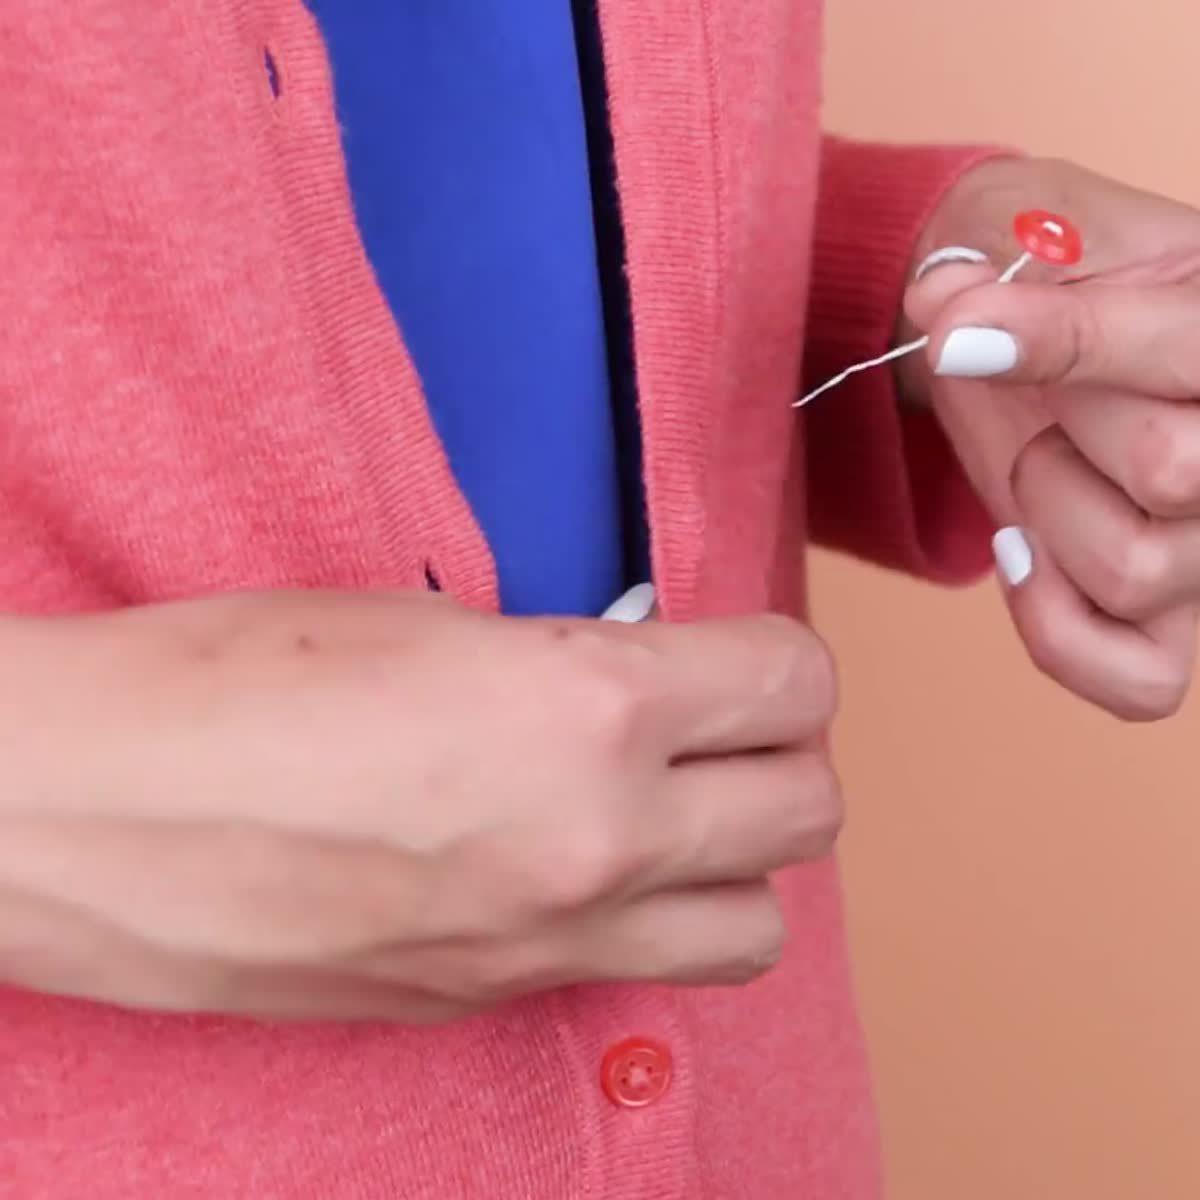 6 incredible clothing hacks เทคนิคแก้ปัญหาเสื้อผ้า ดูแล้วชีวิตจะดีขึ้นเย๊อะ